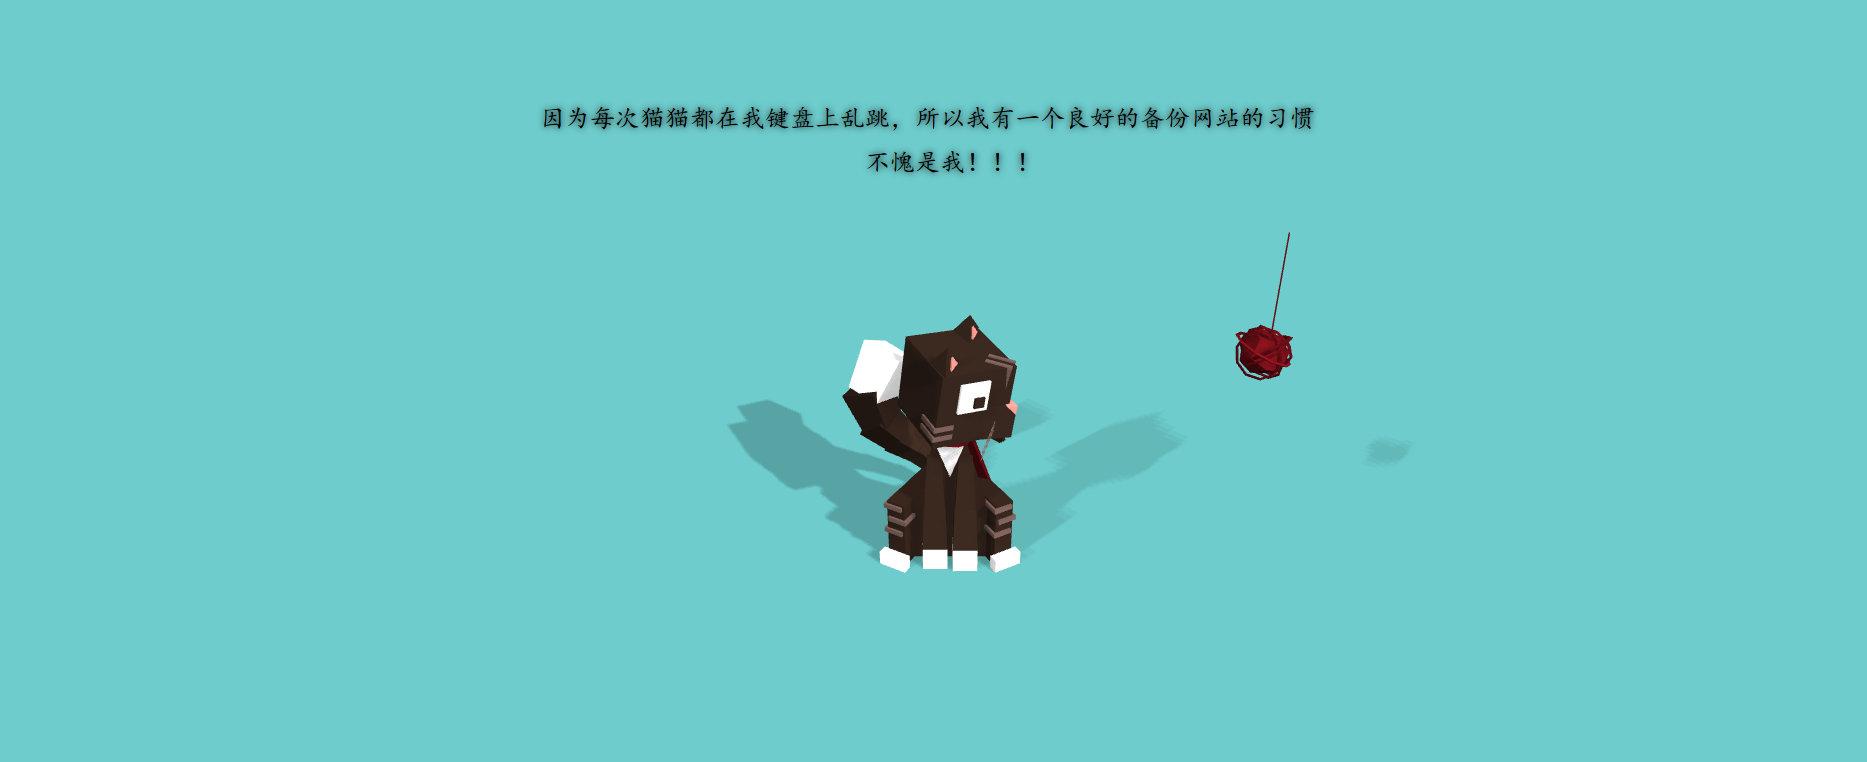 image-20200319200037846